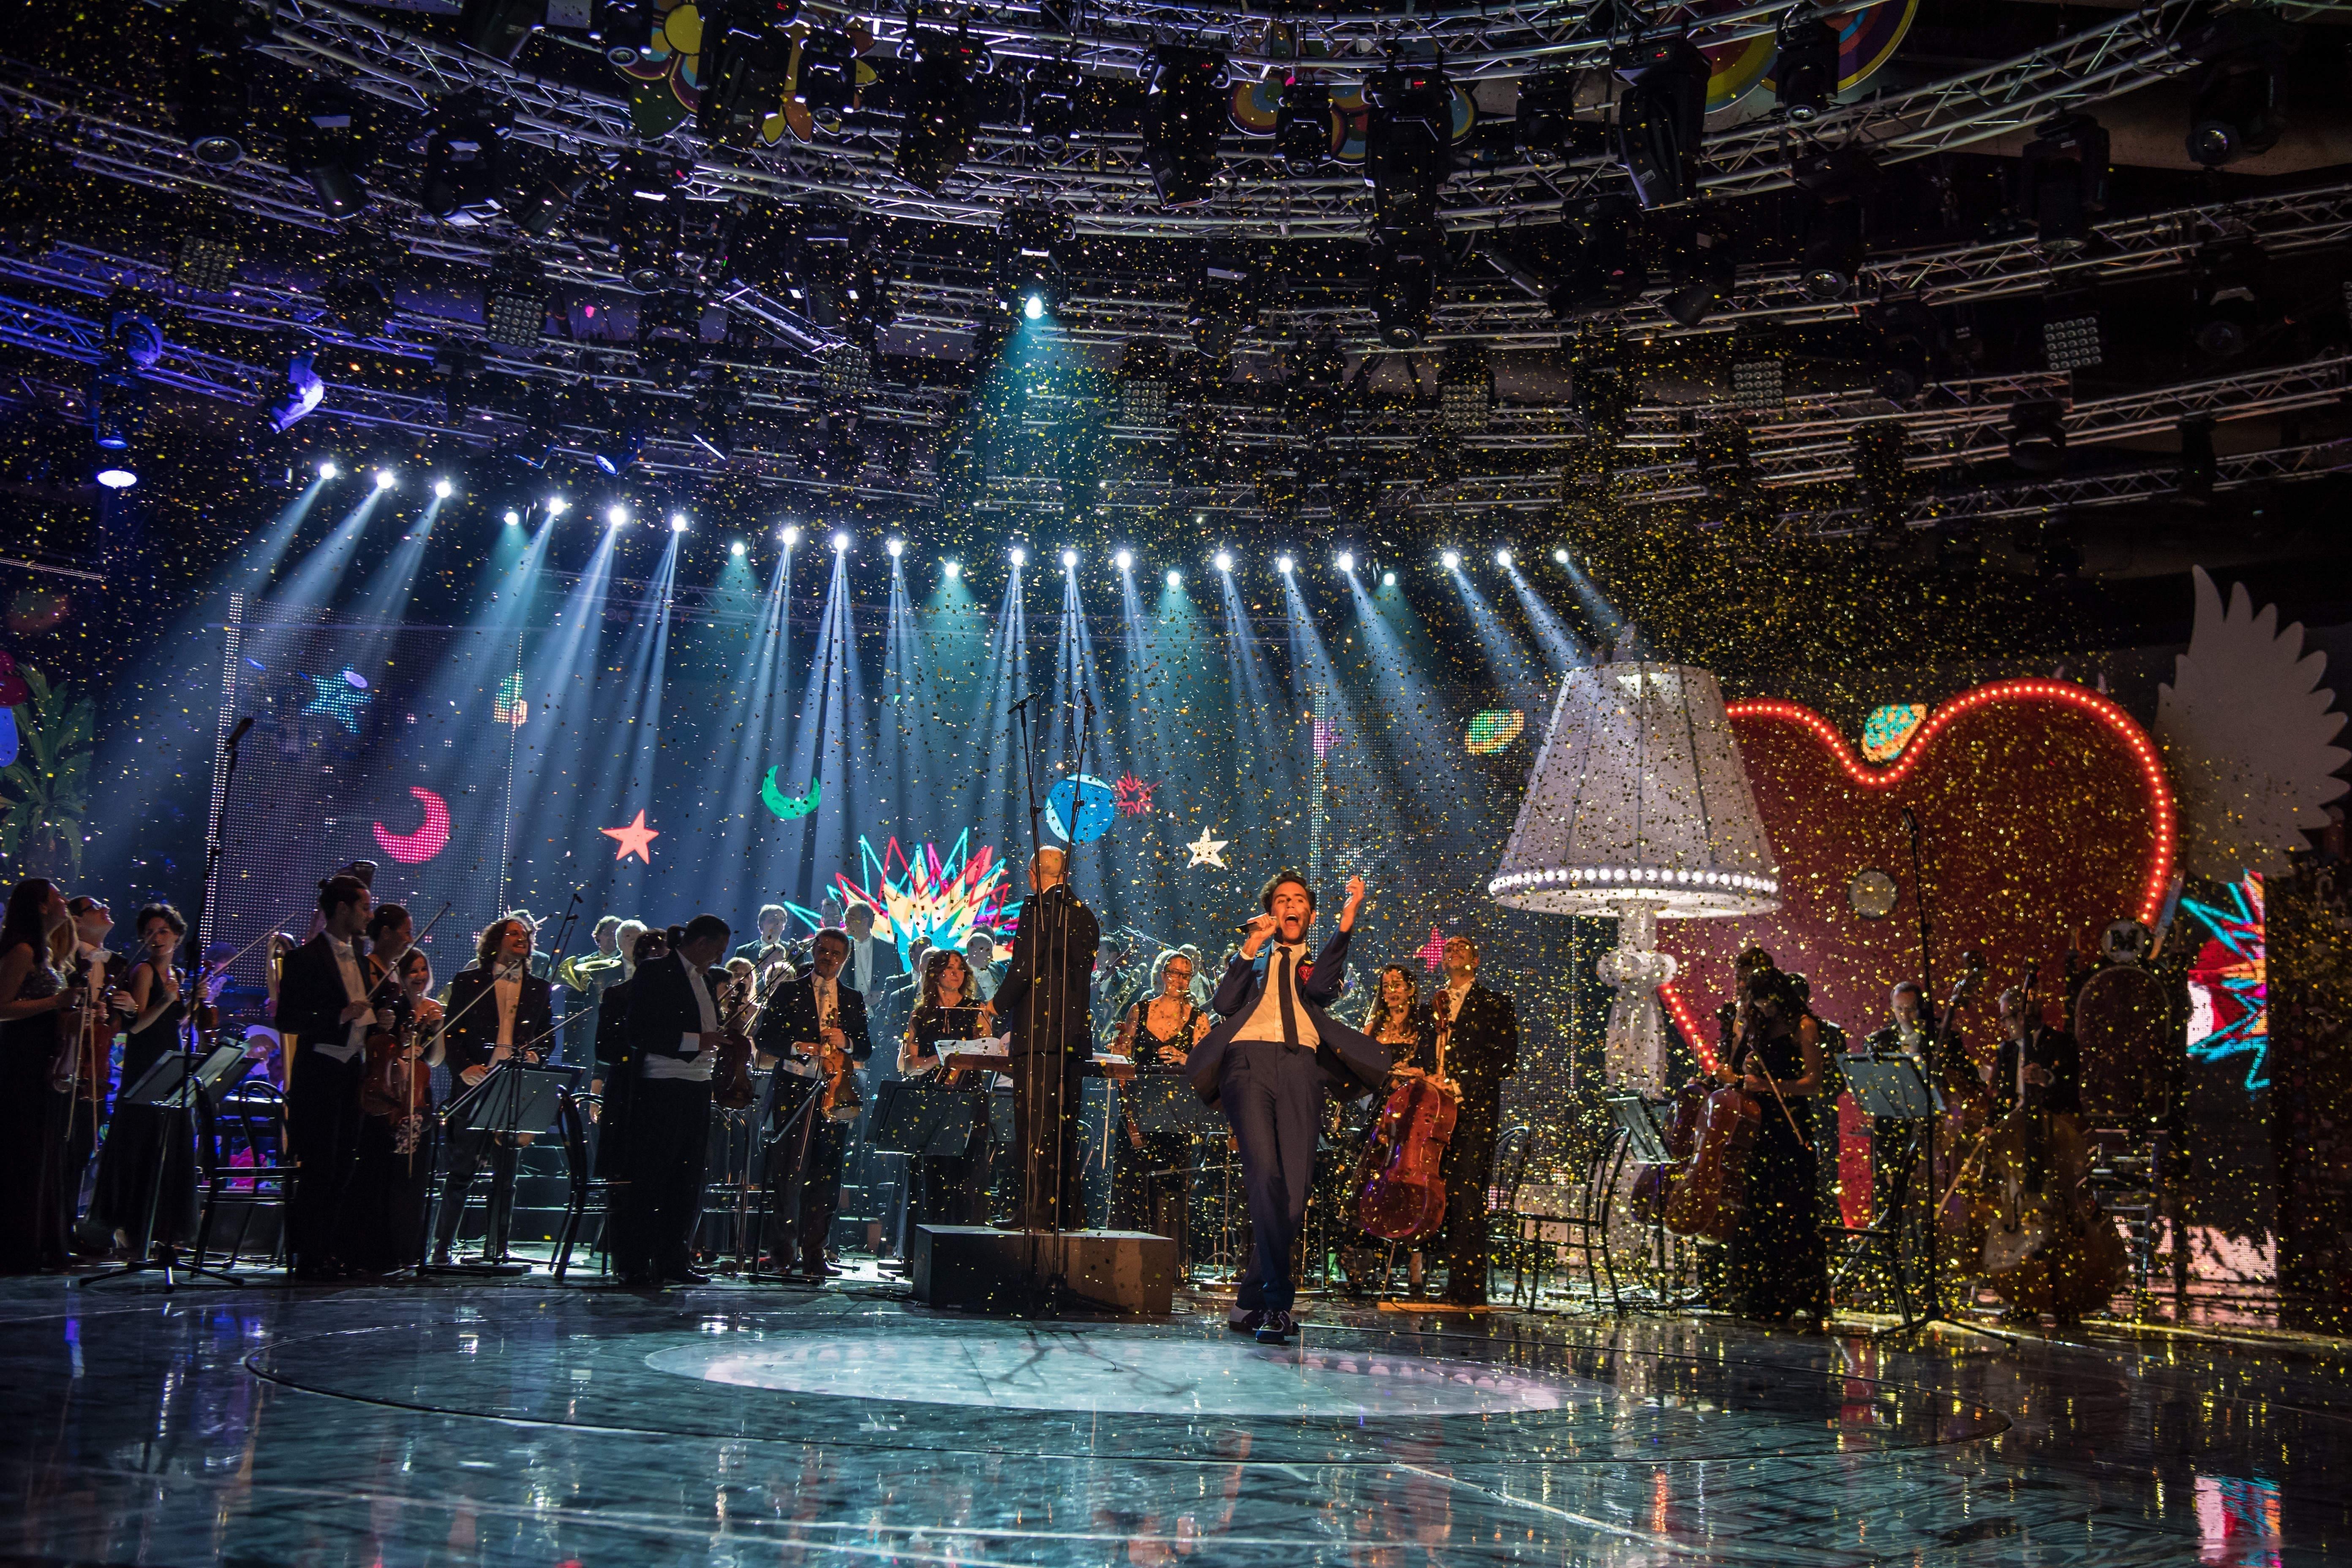 L 39 orchestra opera italia di parma su rai 2 per stasera casa mika il caff quotidiano - Casa mika rai 2 ...